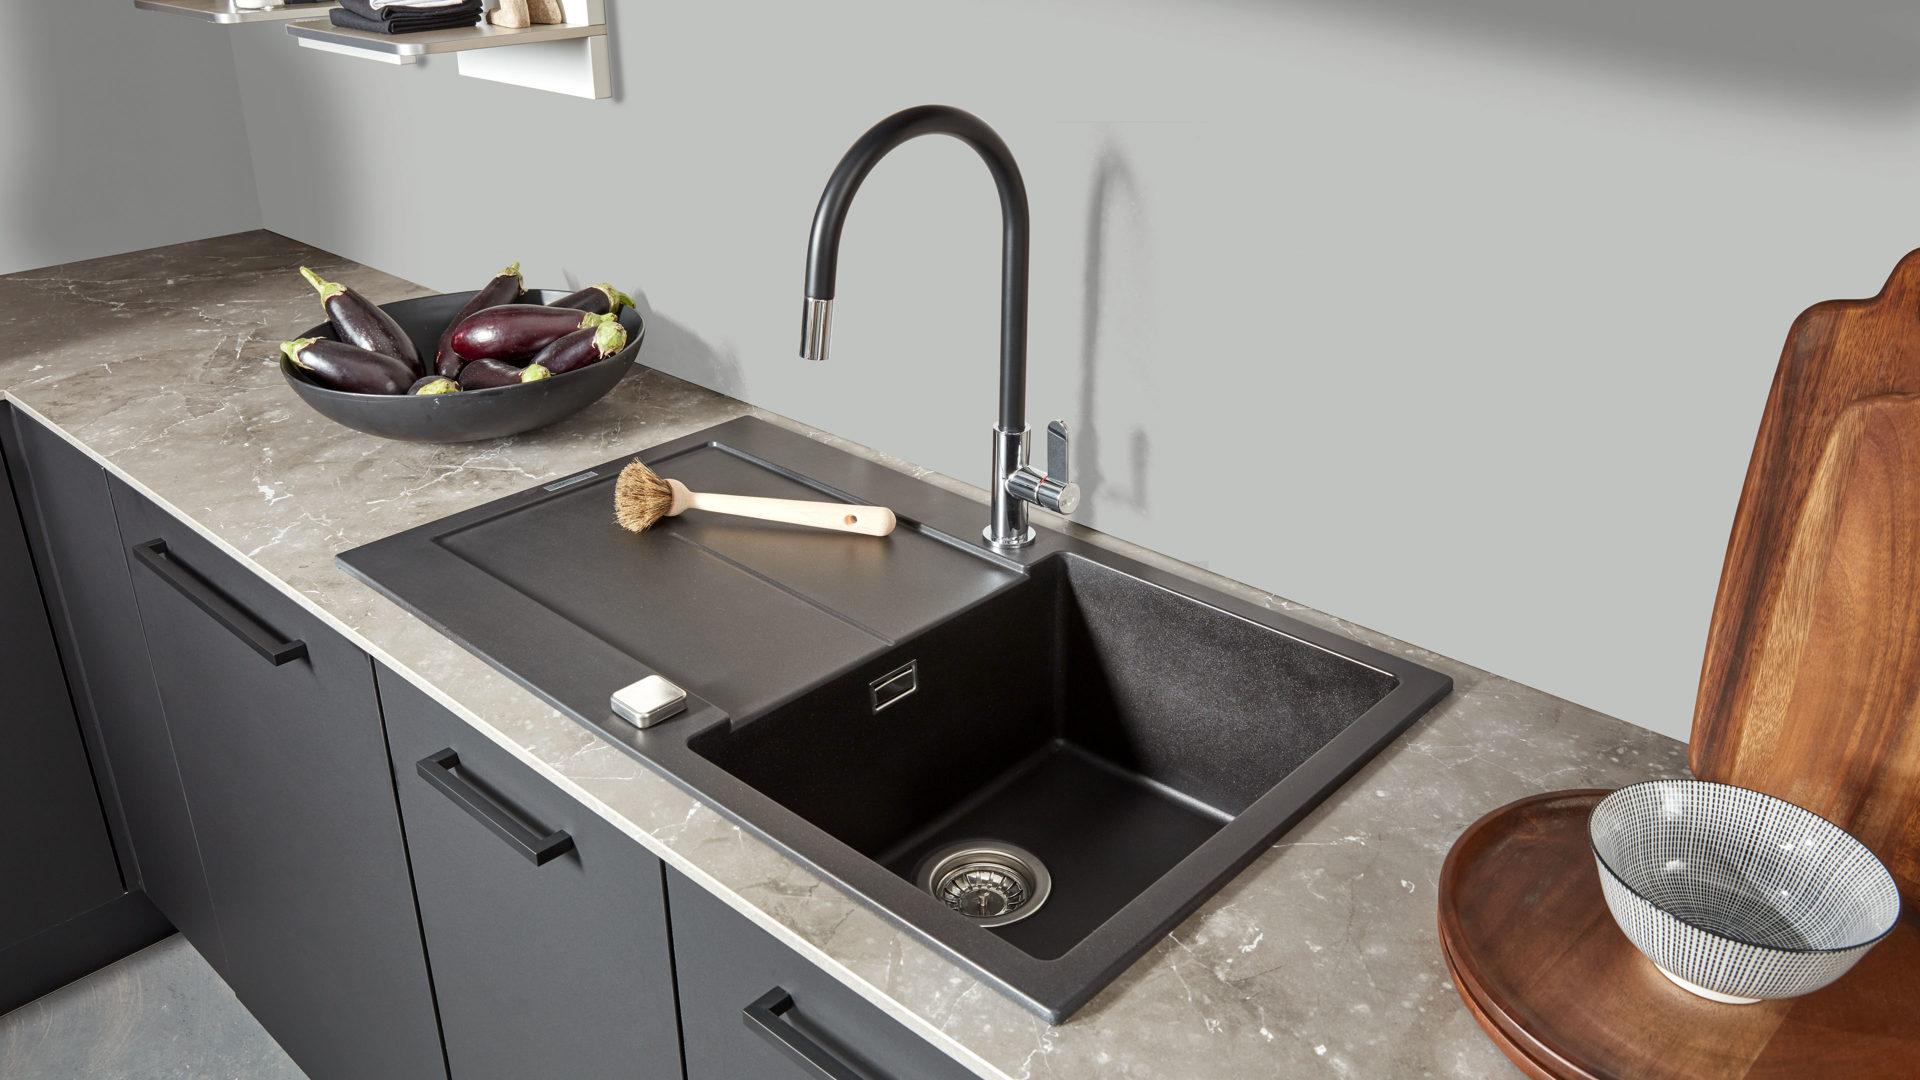 Interliving Küche Serie 3012 mit SIEMENS Einbaugeräten